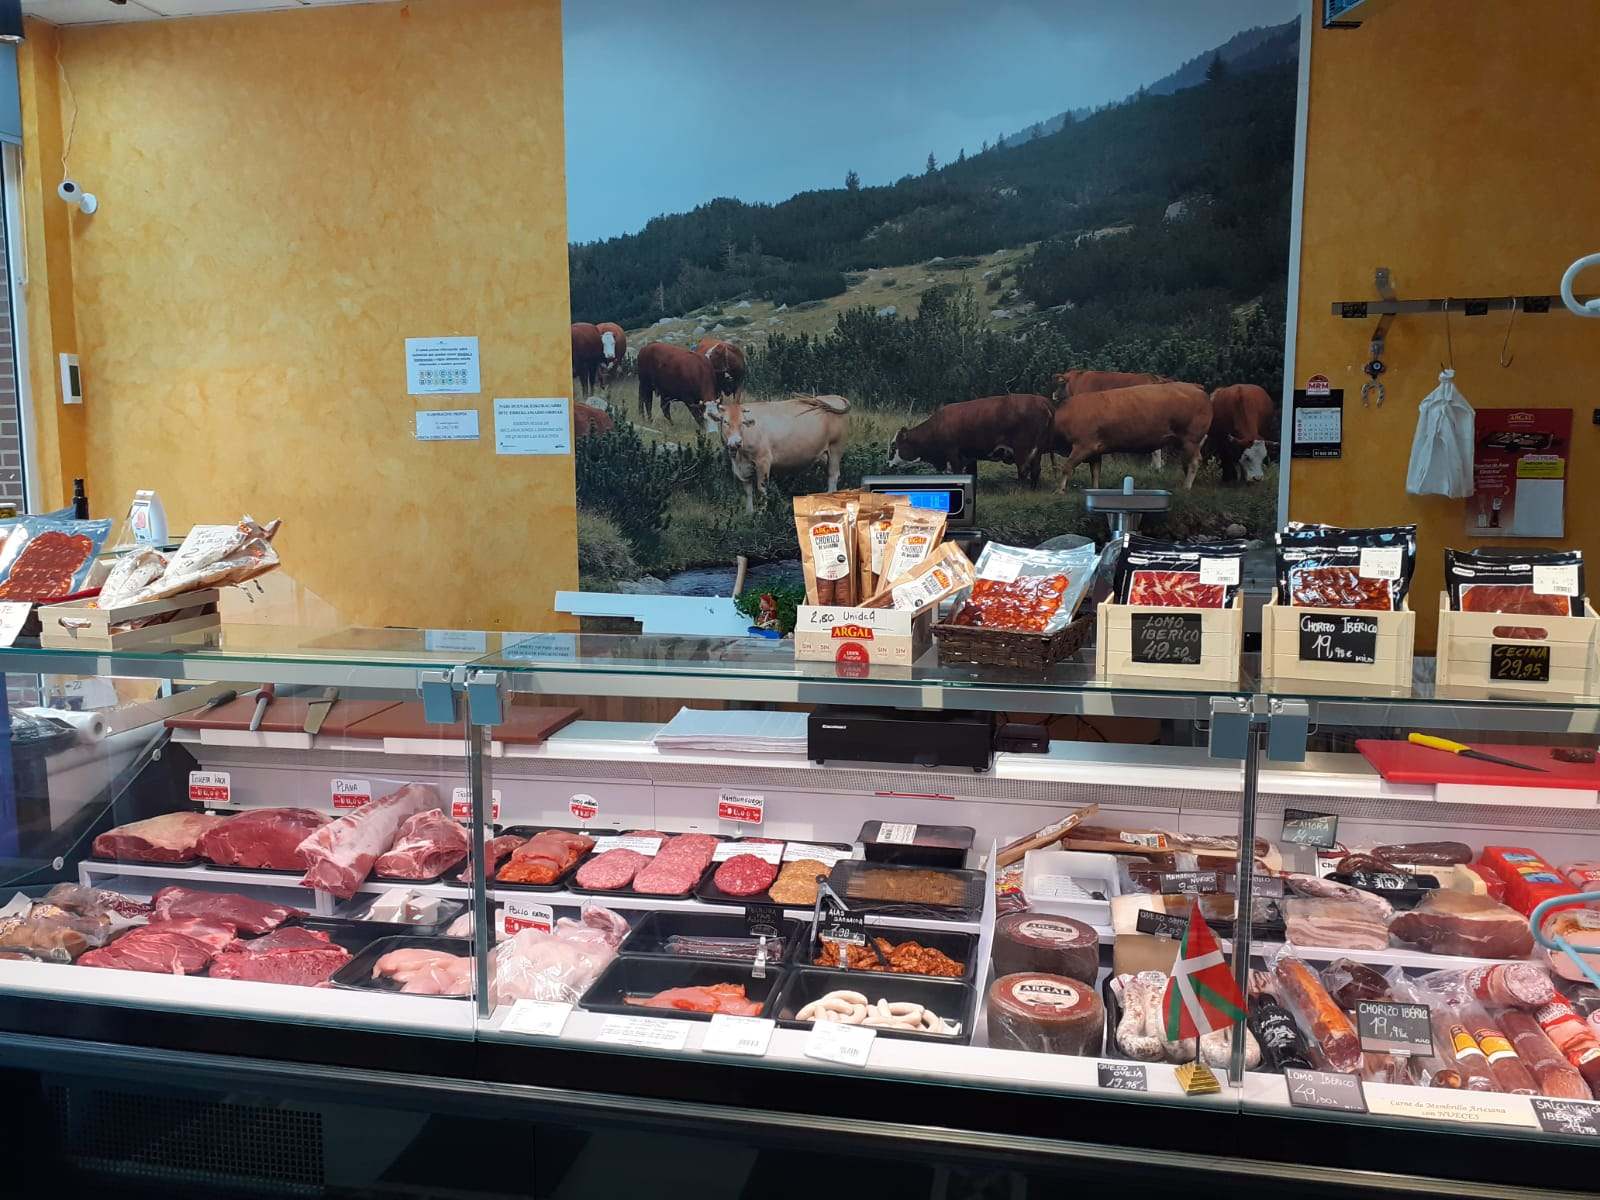 Se cede negocio de carniceria en Bilbao  Img-2052